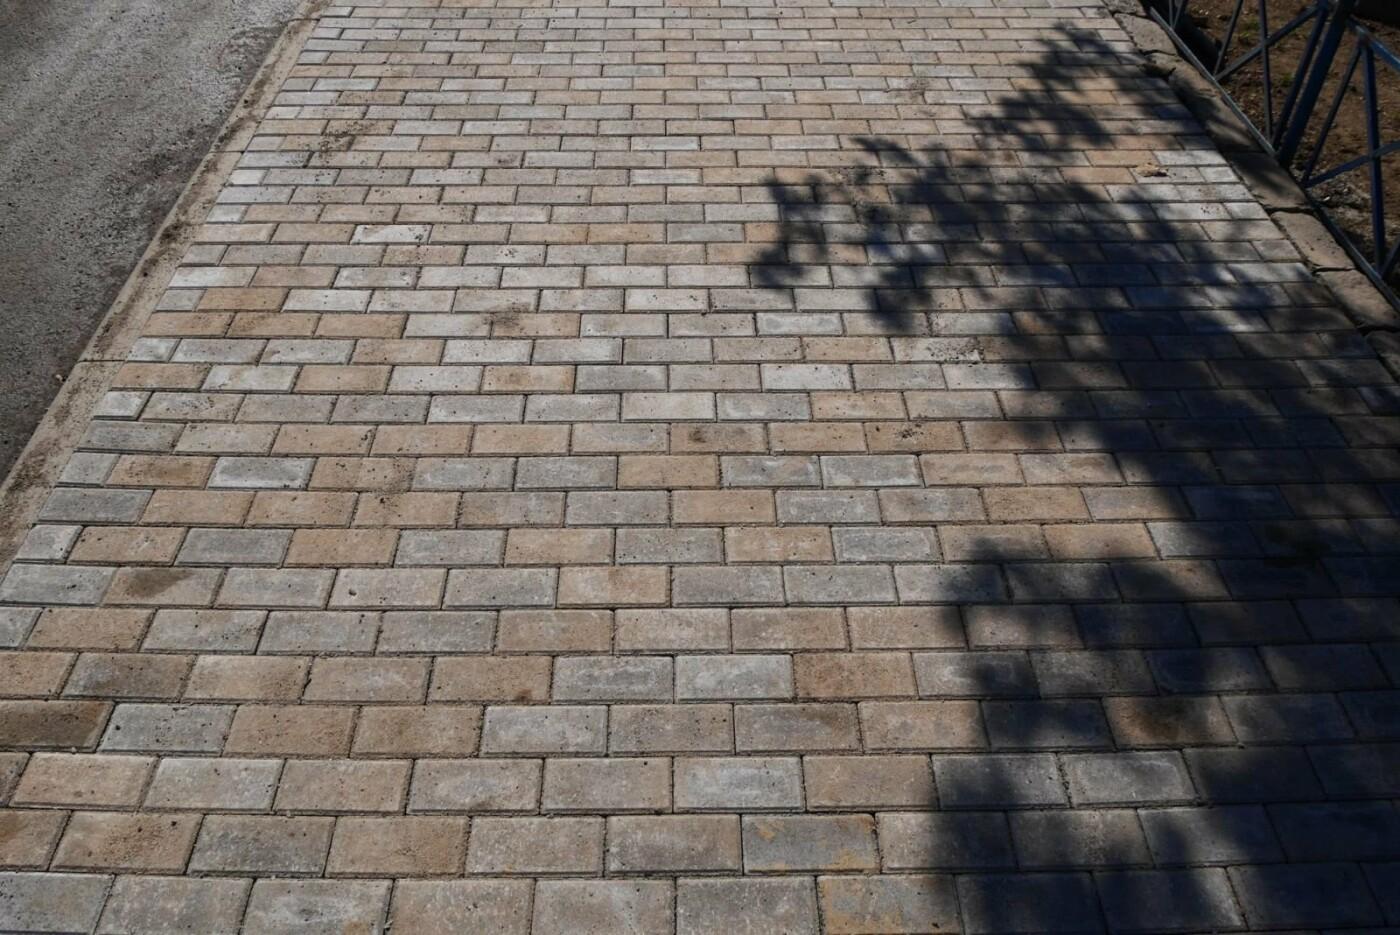 В Ужгороді на Шумній почали викладати плиткою тротуари (ФОТОФАКТ), фото-2